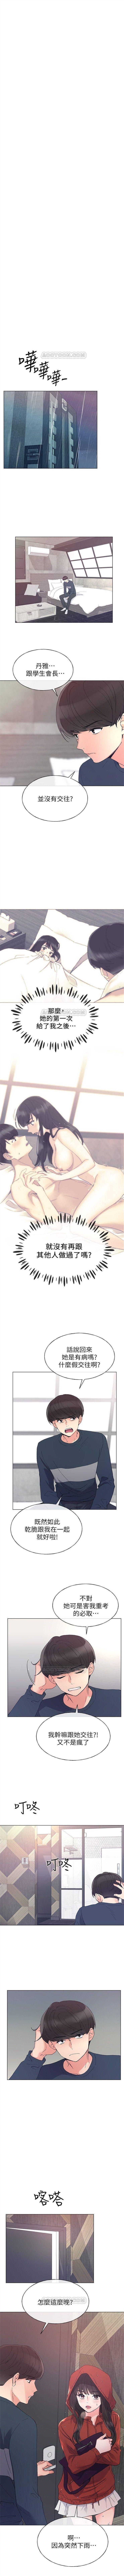 (週5)重考生 1-52 中文翻譯(更新中) 281